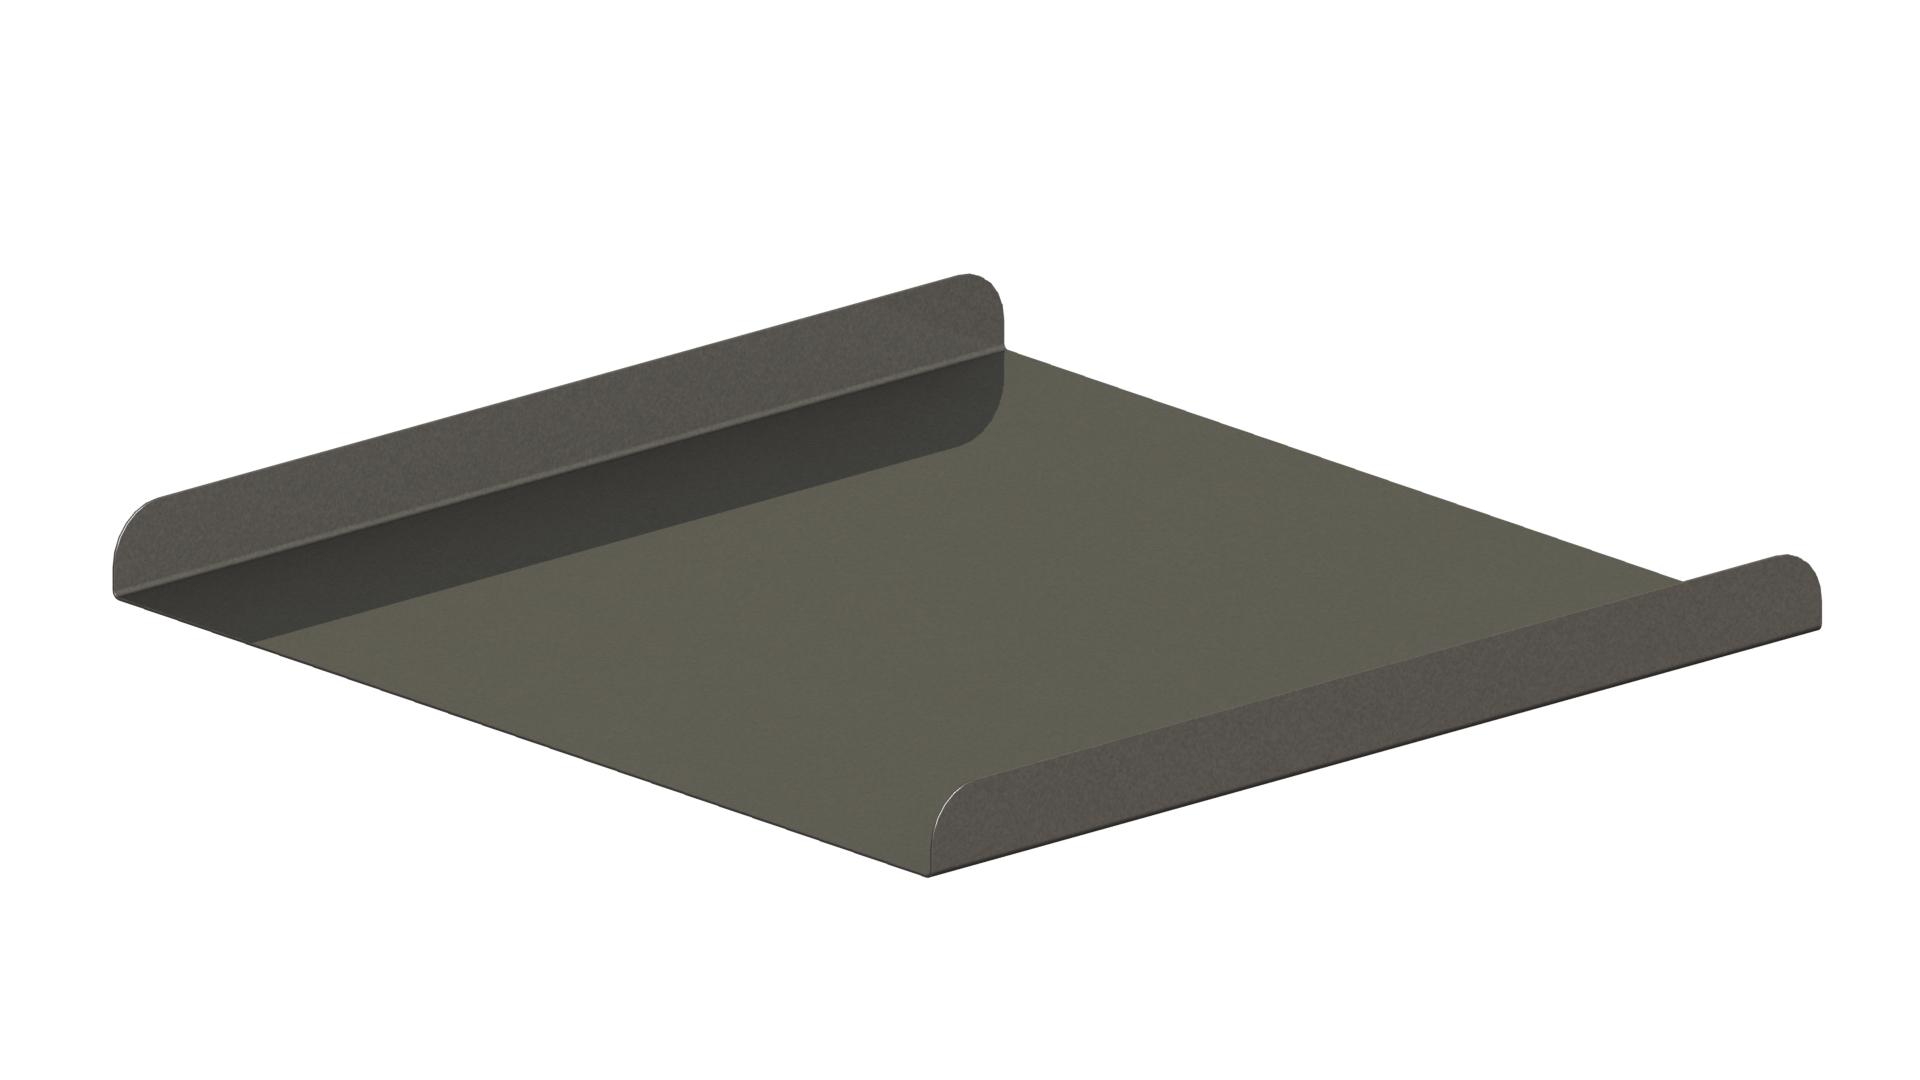 Tischplatte aus Metall